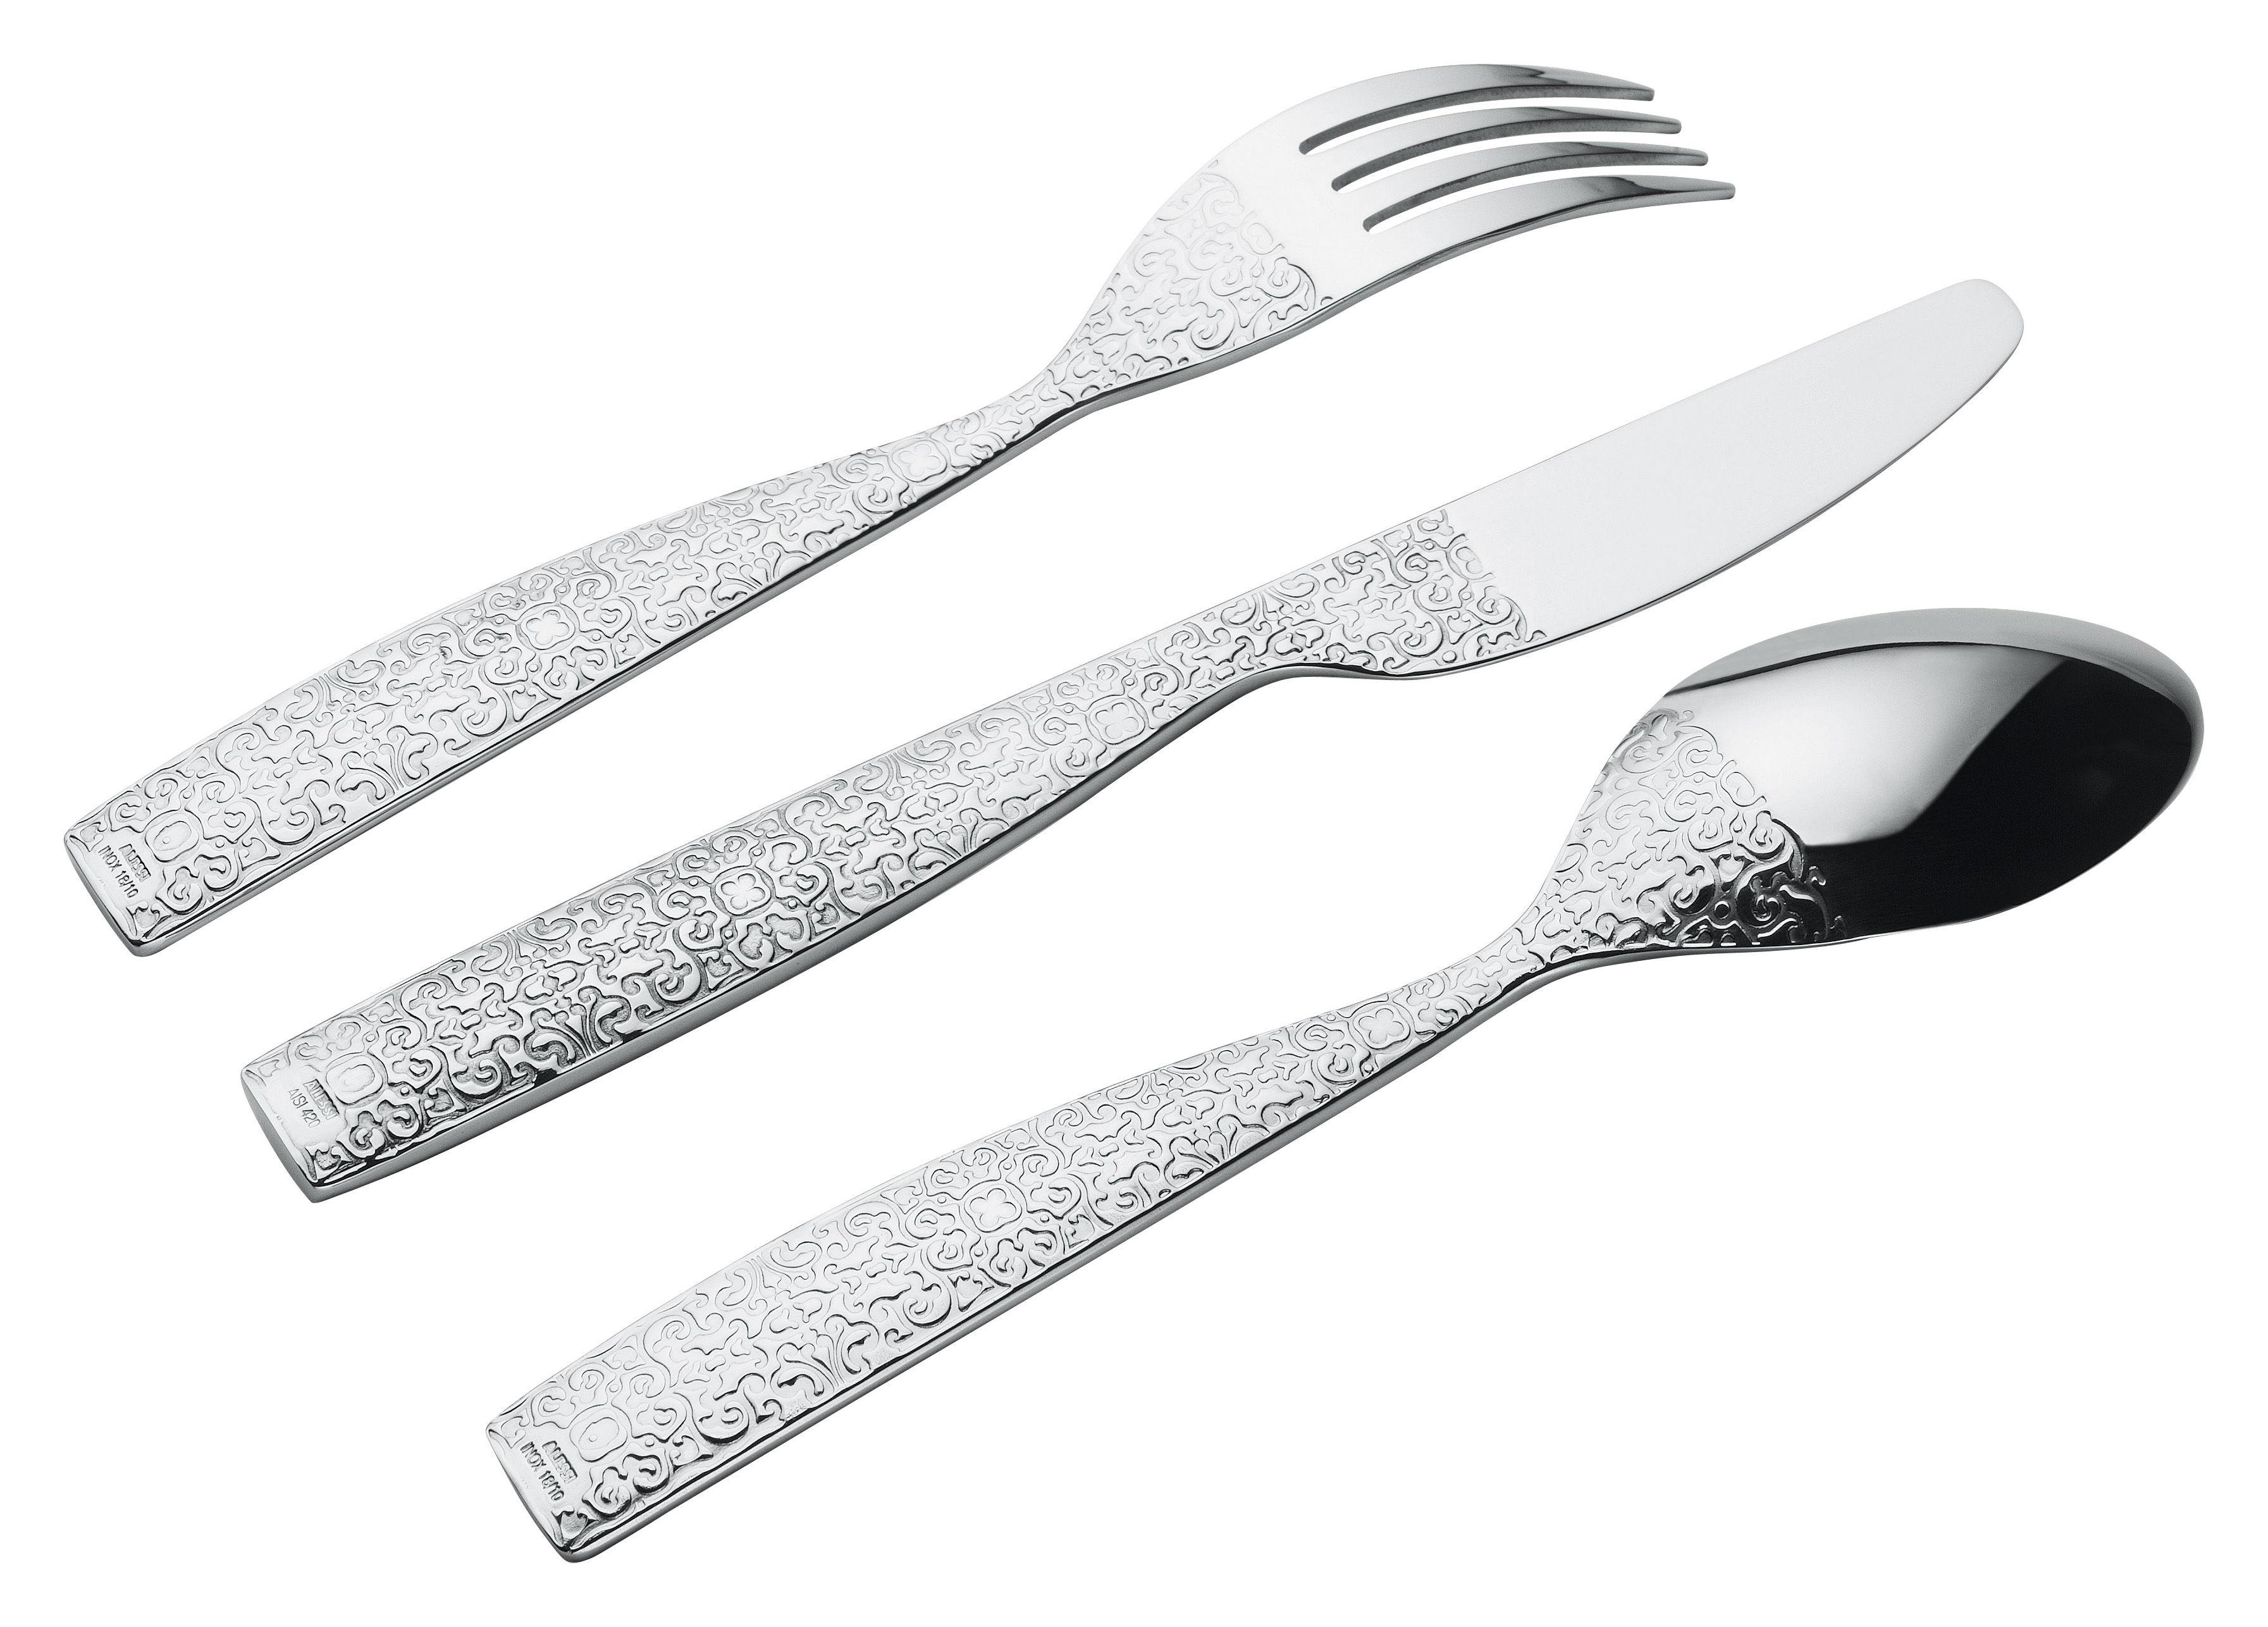 Tischkultur - Bestecke - Dressed Besteckgarnitur 24 Teile - Alessi - 24 Teile - Edelstahl glänzend - rostfreier Stahl